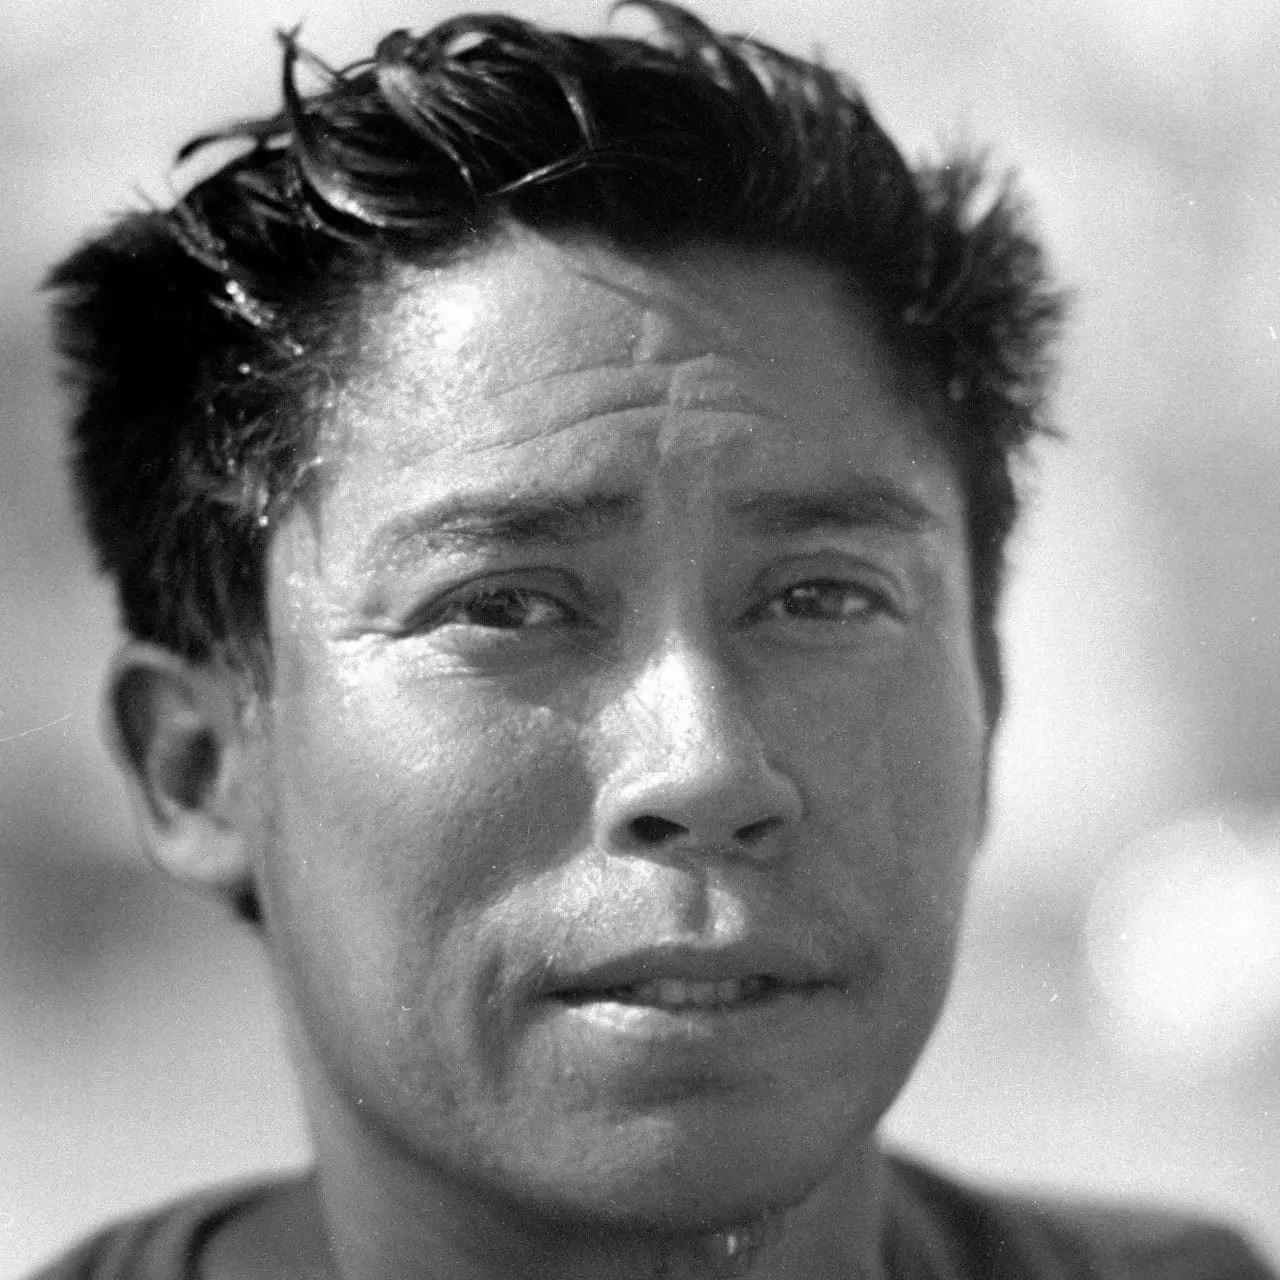 Kodak Tri-X 400 (EI 400, 35mm), Nikon FM2n, Nikkor 105mm f/2.5 AI - by Gerson Rosas